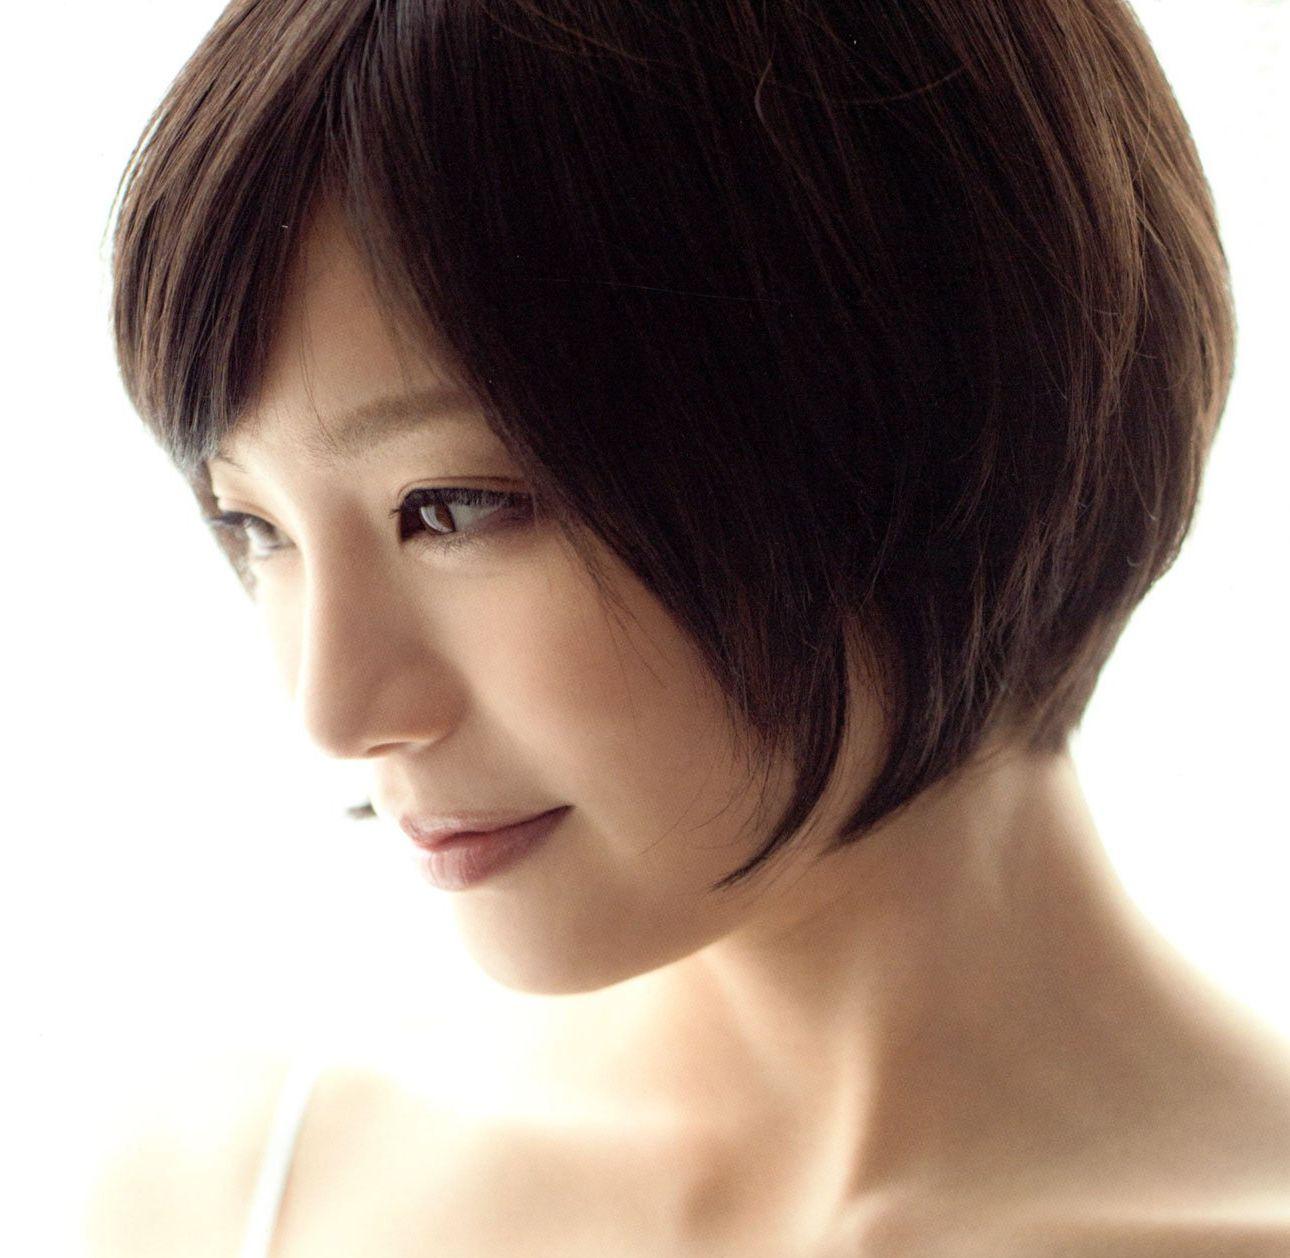 鈴村あいり 美しい乳しなやか体悩殺ぬーど写真115枚